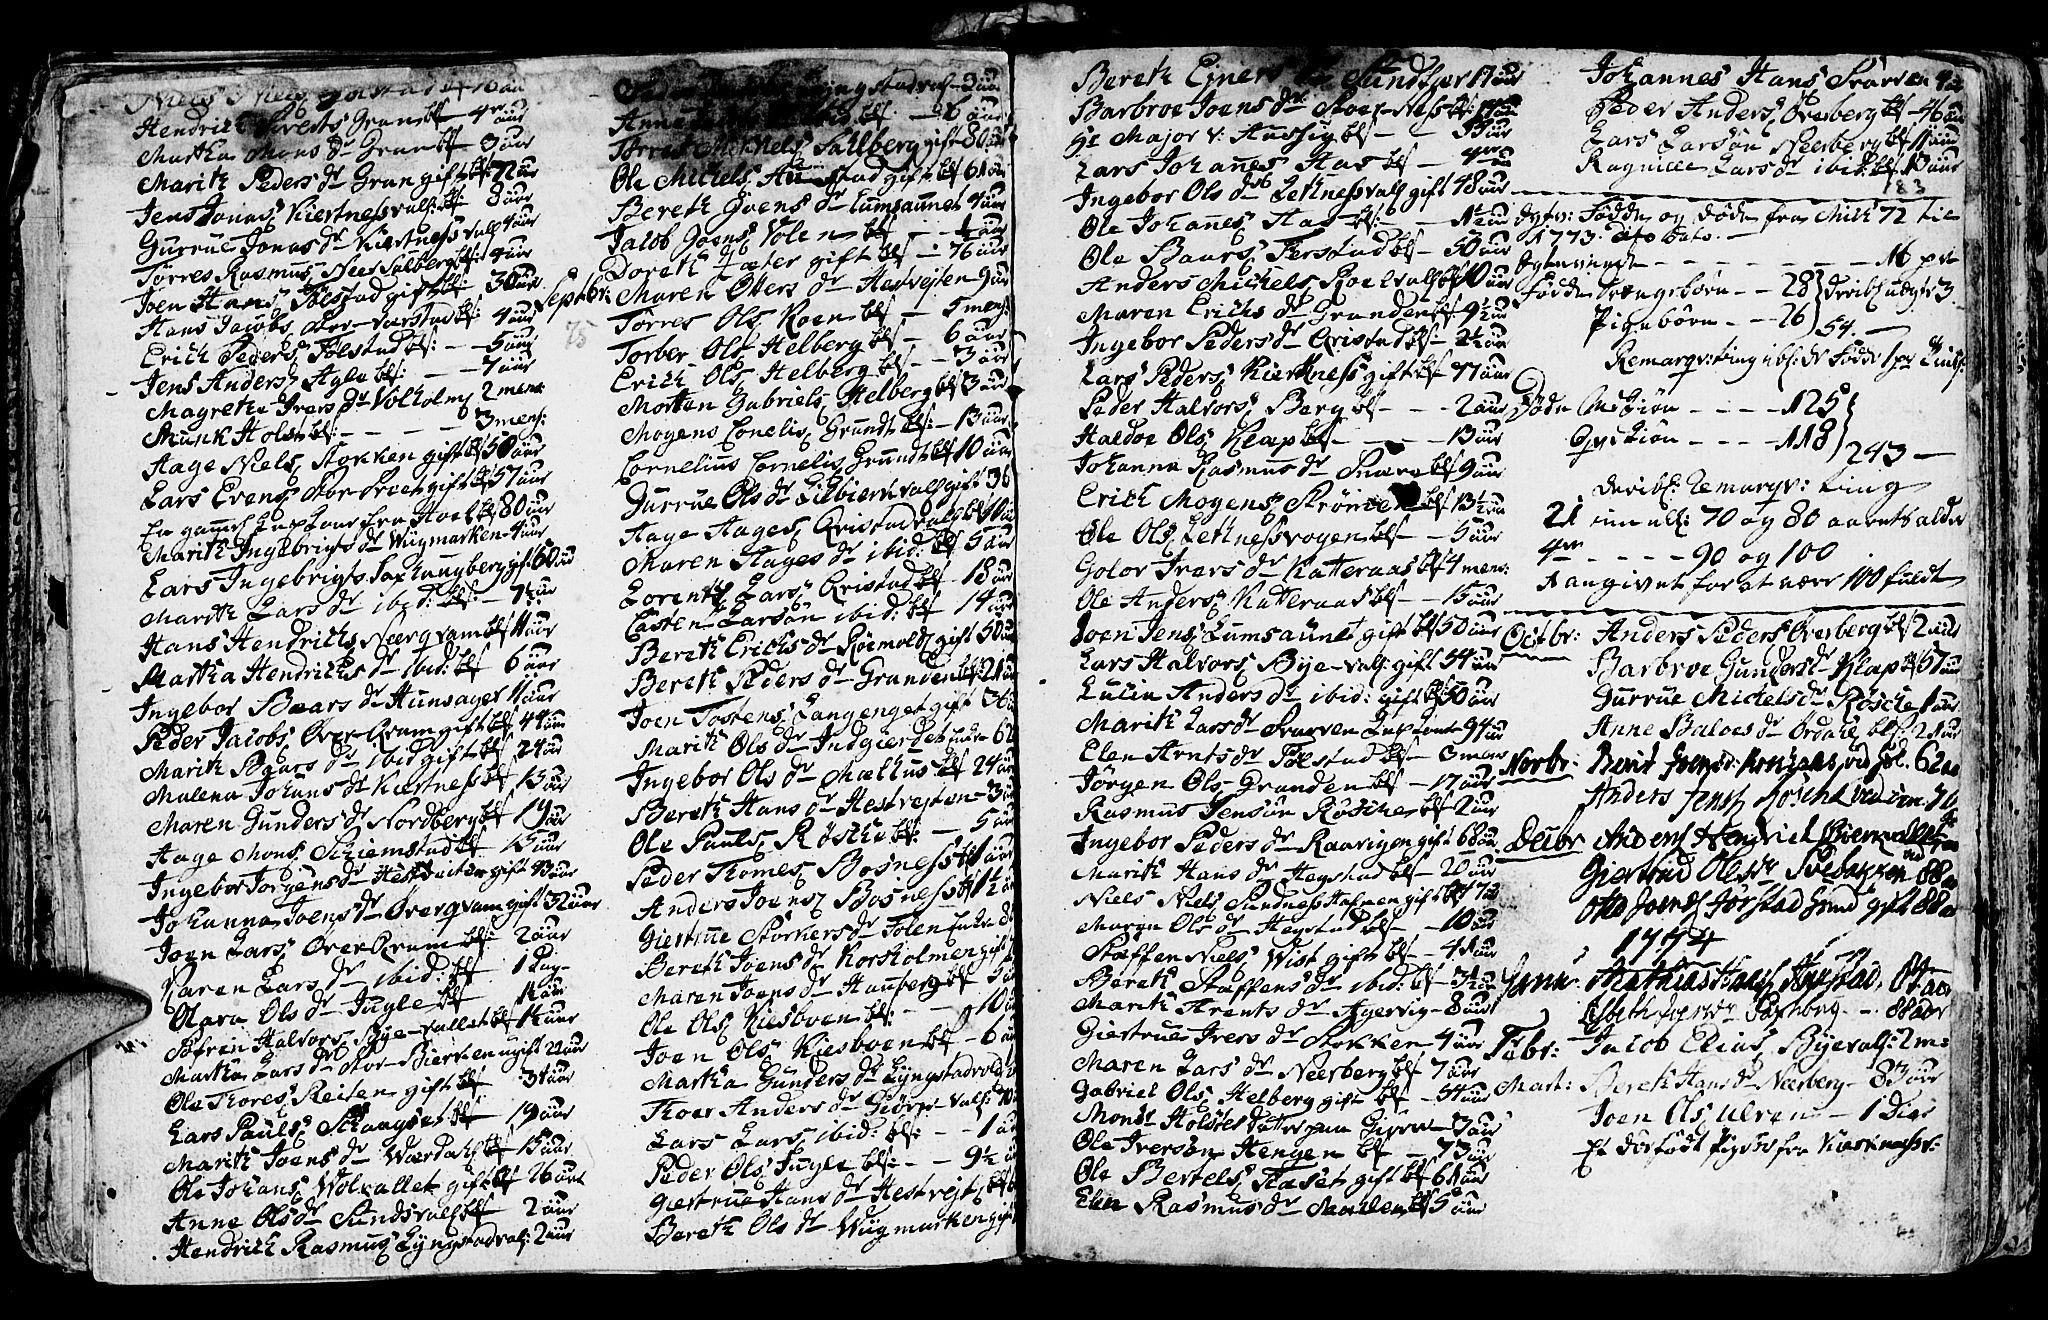 SAT, Ministerialprotokoller, klokkerbøker og fødselsregistre - Nord-Trøndelag, 730/L0273: Ministerialbok nr. 730A02, 1762-1802, s. 182